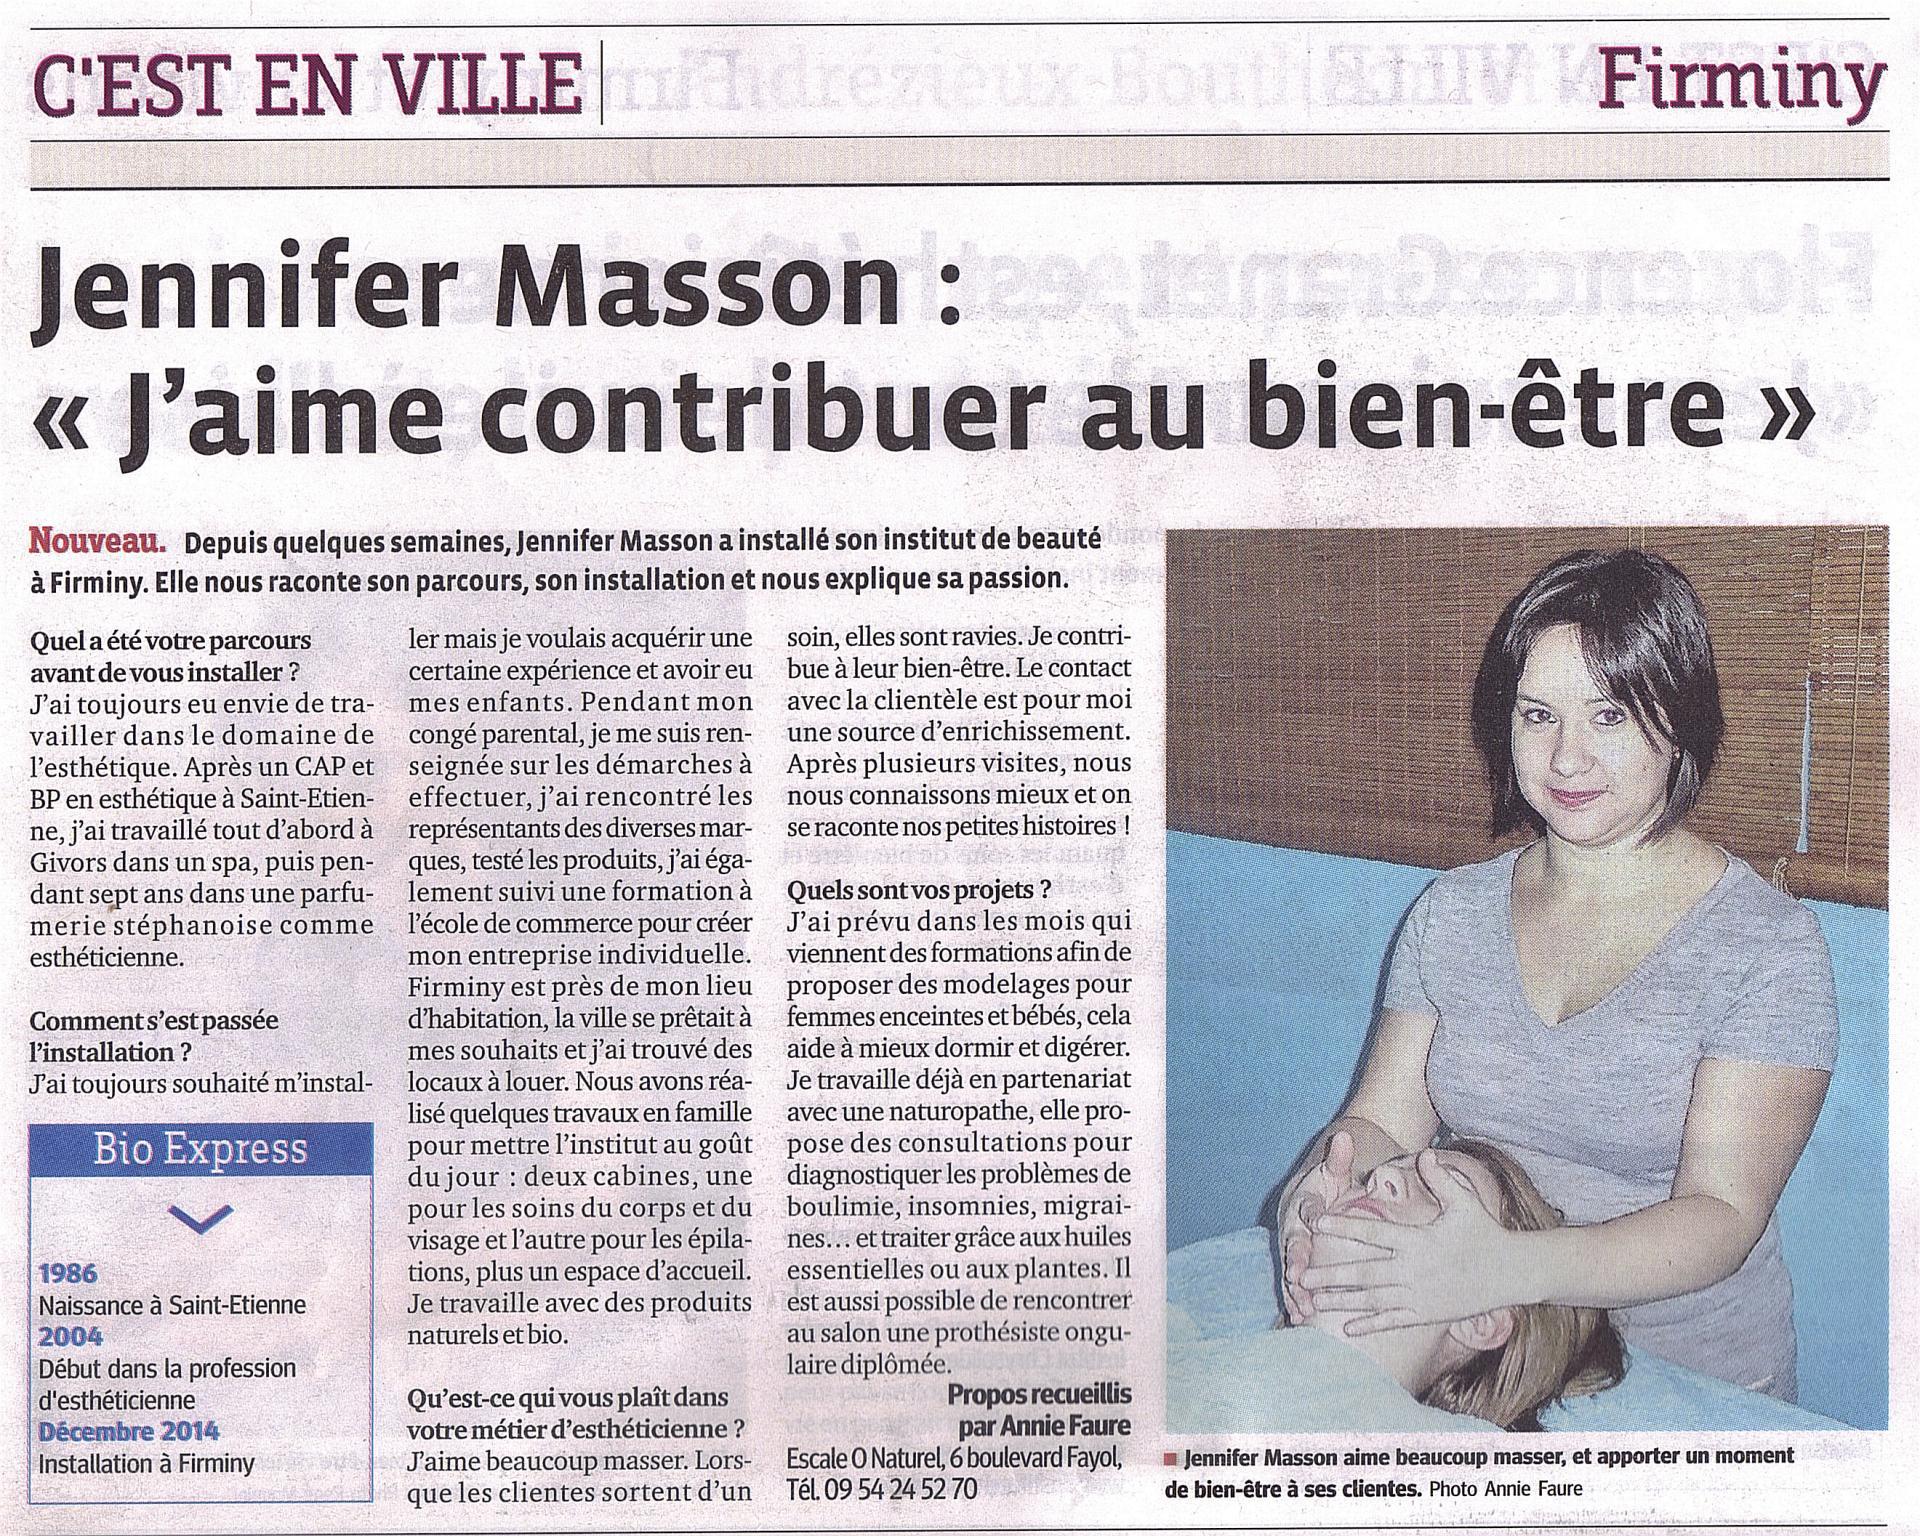 MASSON JENNIFER